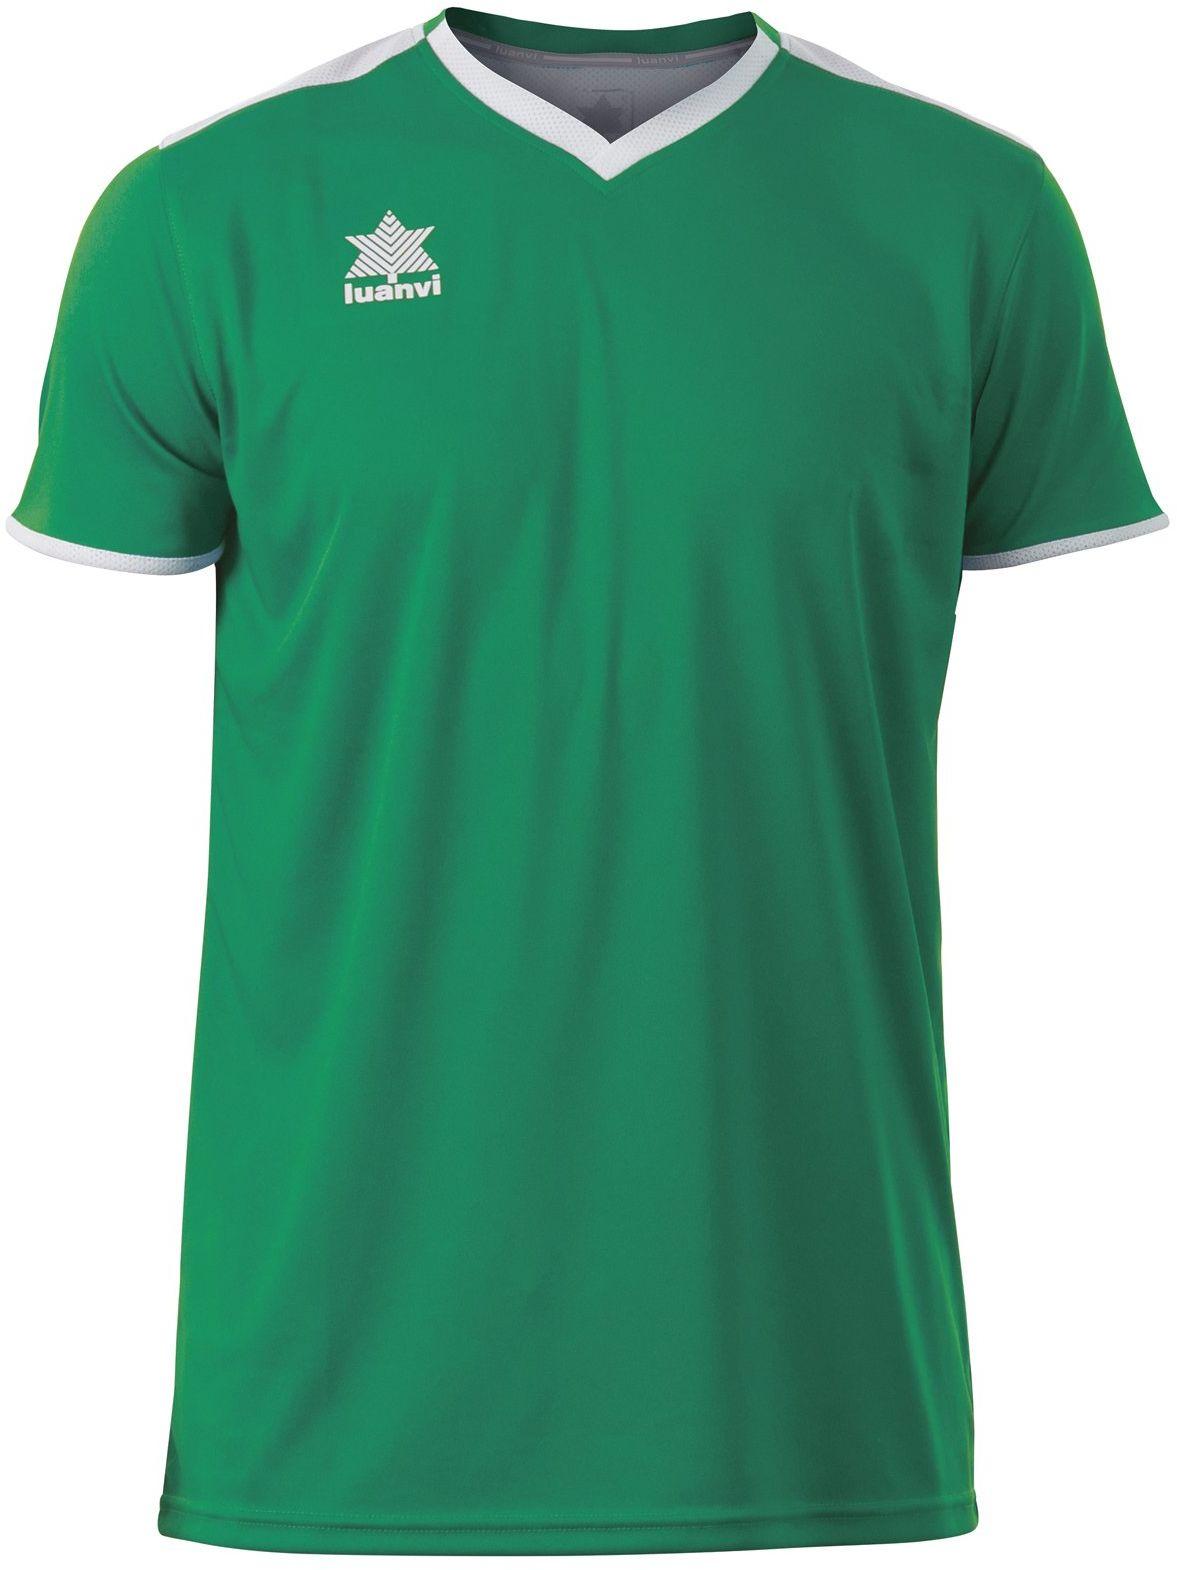 Luanvi Męski T-shirt Match z krótkimi rękawami. zielony zielony XS